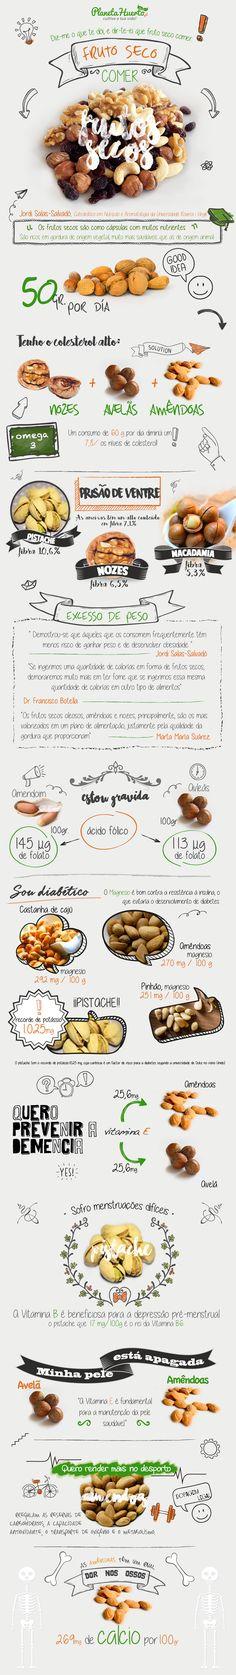 Os benefícios dos frutos secos (infografia)   Planeta Huerto